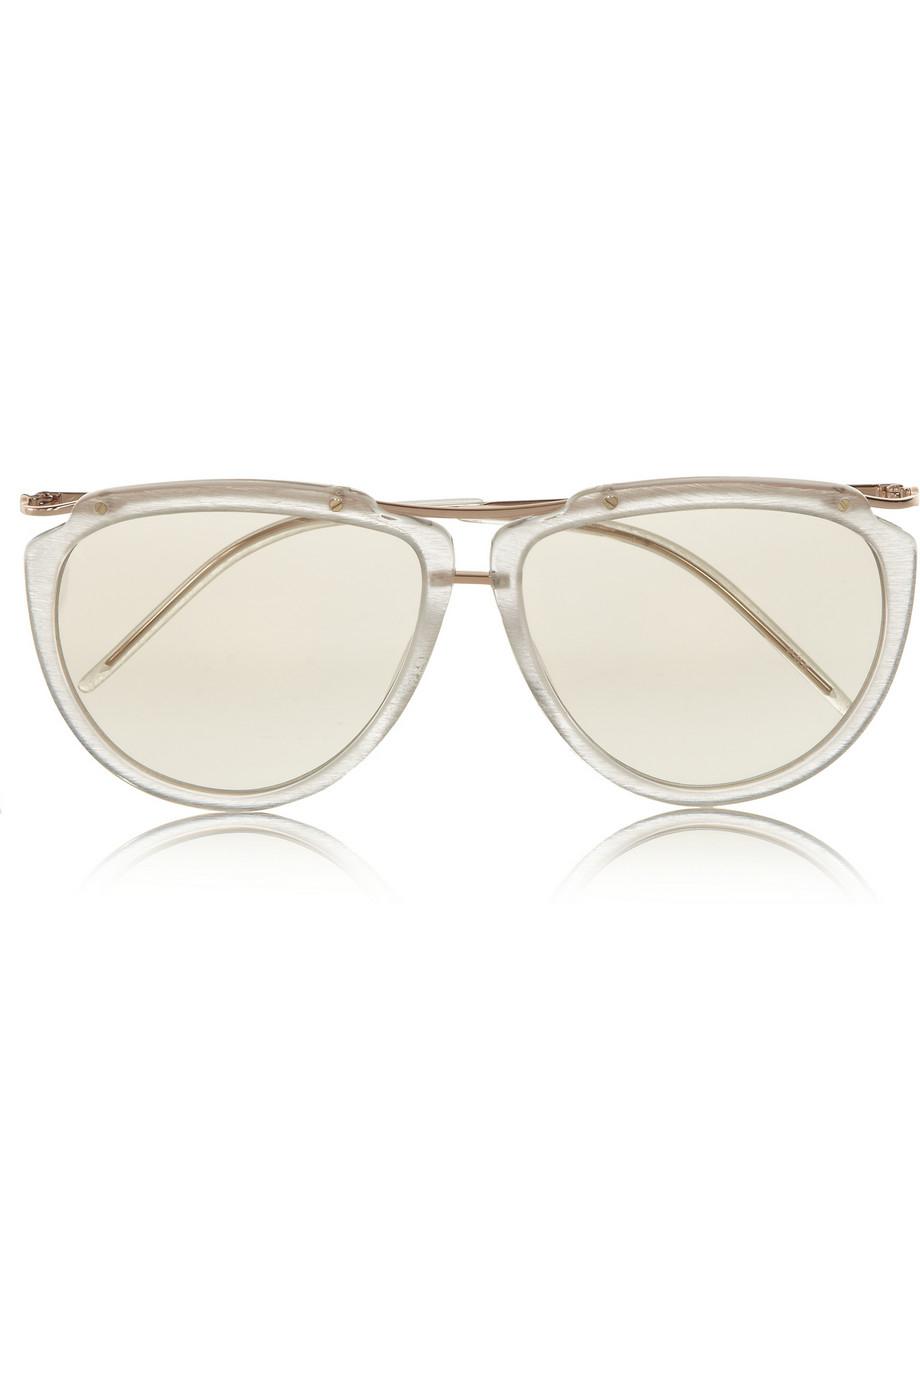 Jil Sander Aviator Acetate And Metal Sunglasses